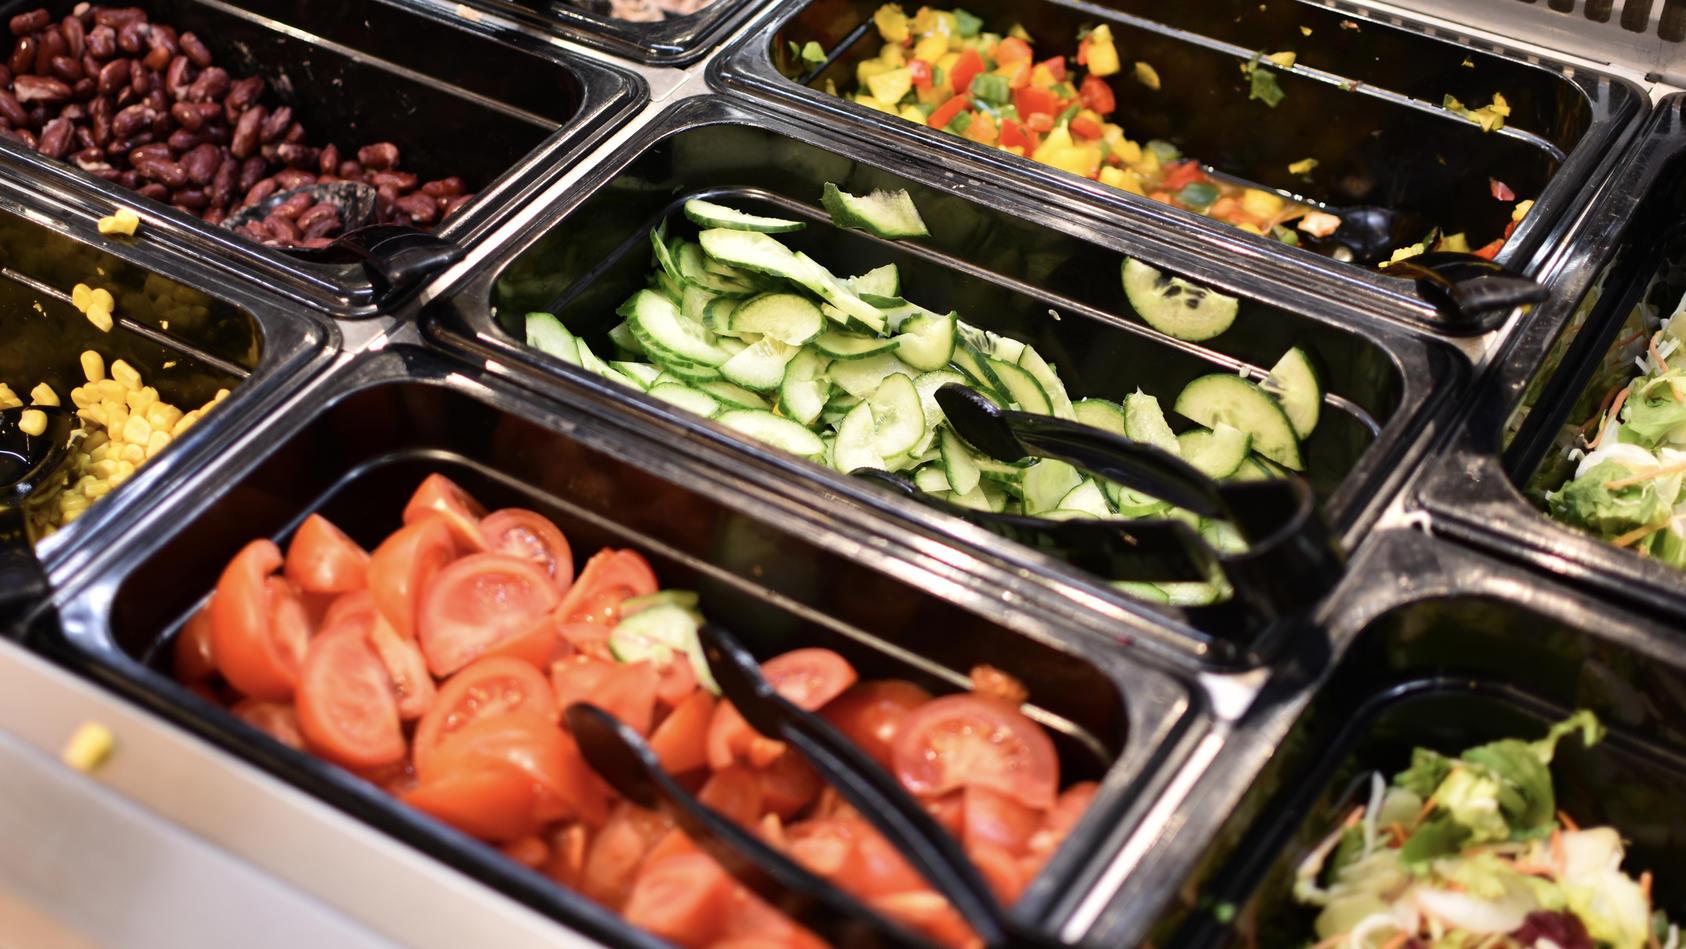 Ein Dieb hat sich an einer Supermarkt Salatbar bedient.